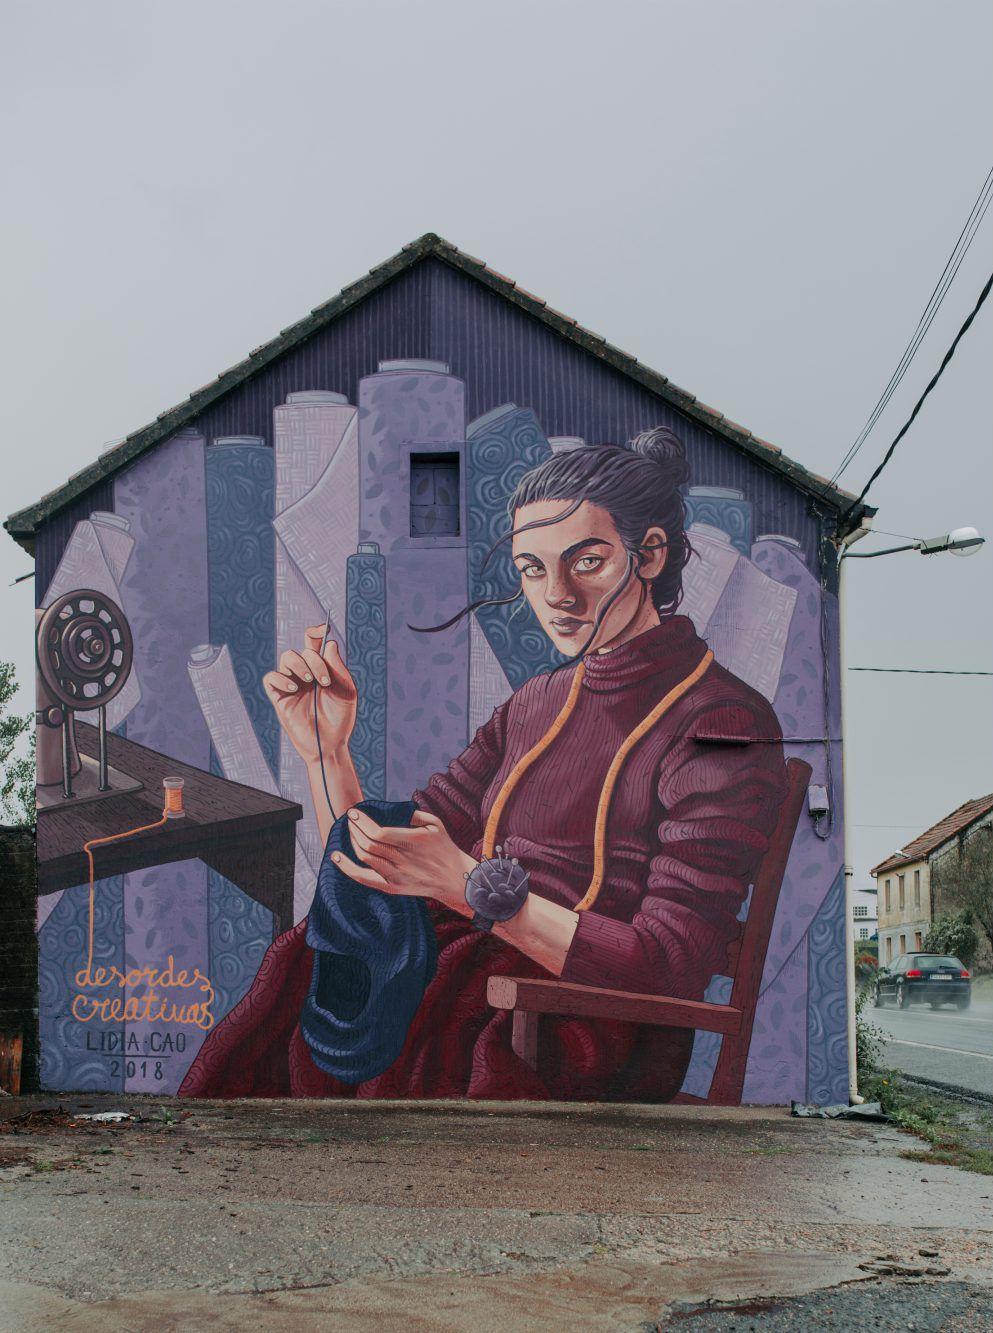 Street art en Ordes: 'Fiando a revolución' de Lidia Cao